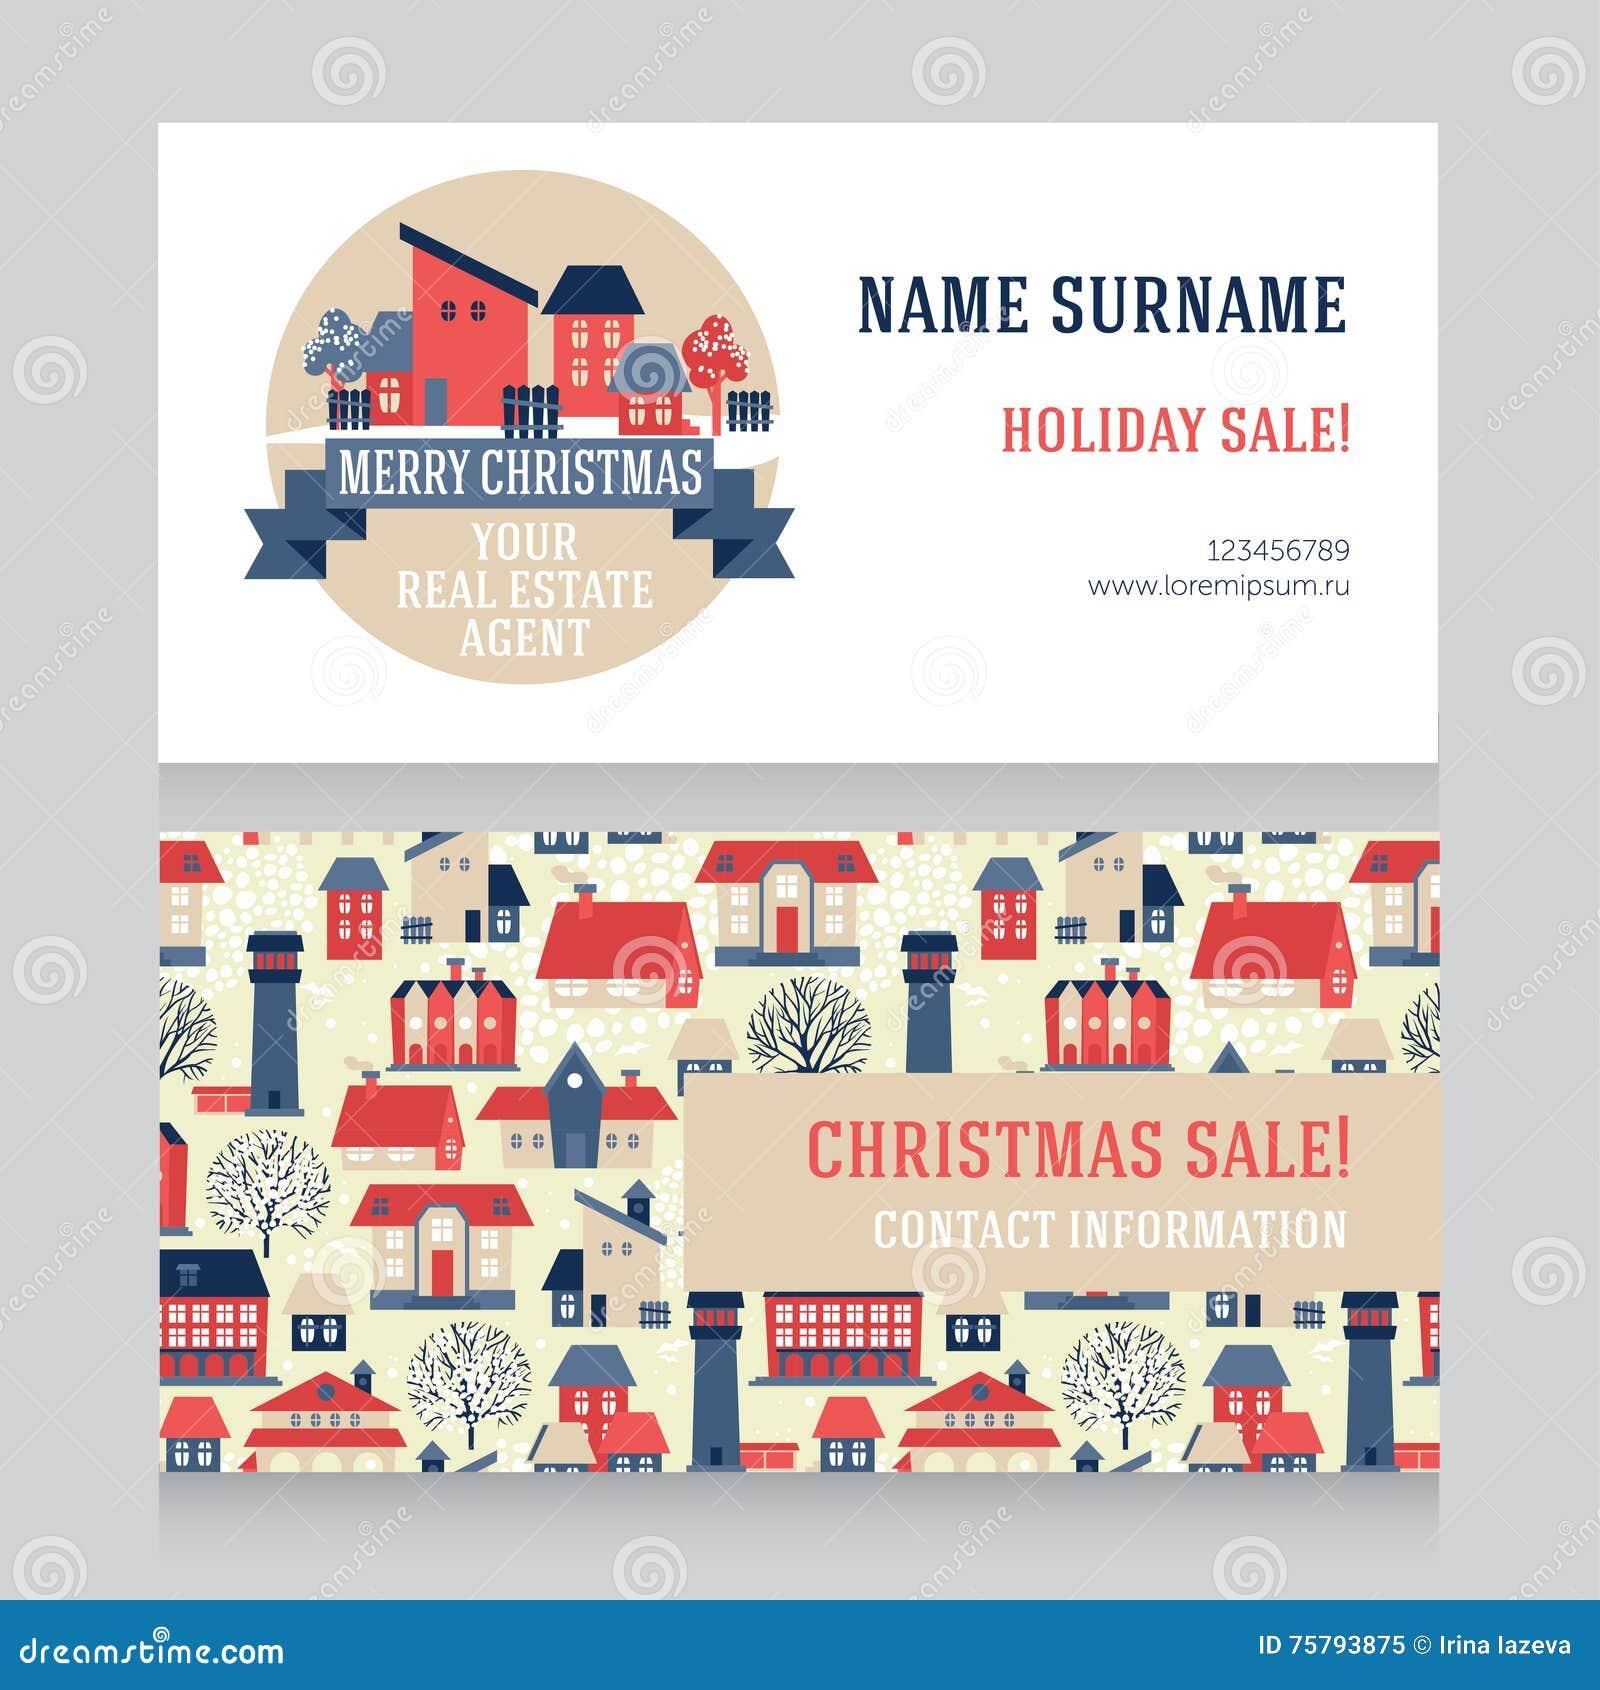 Calibre Lger De Conception Pour La Vraie Carte Visite Professionnelle Dagent Immobilier Illustration Vecteur